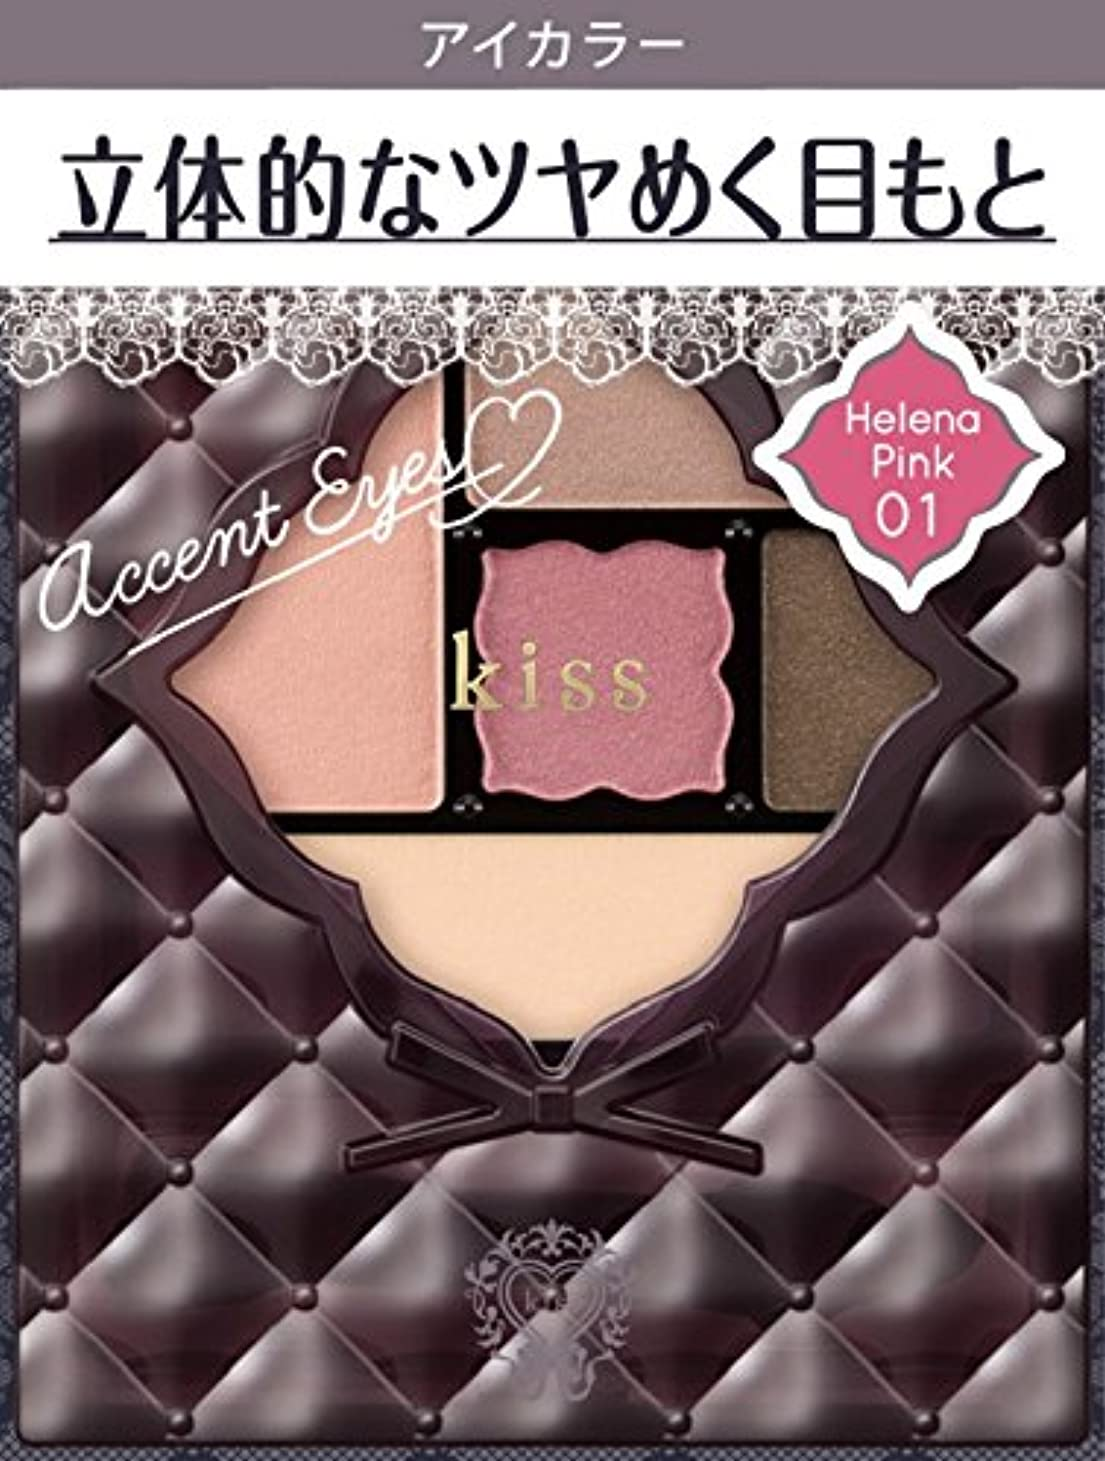 熟達こどもの日装置キス アクセントアイズ01 ヘレネーピンク 3.5g